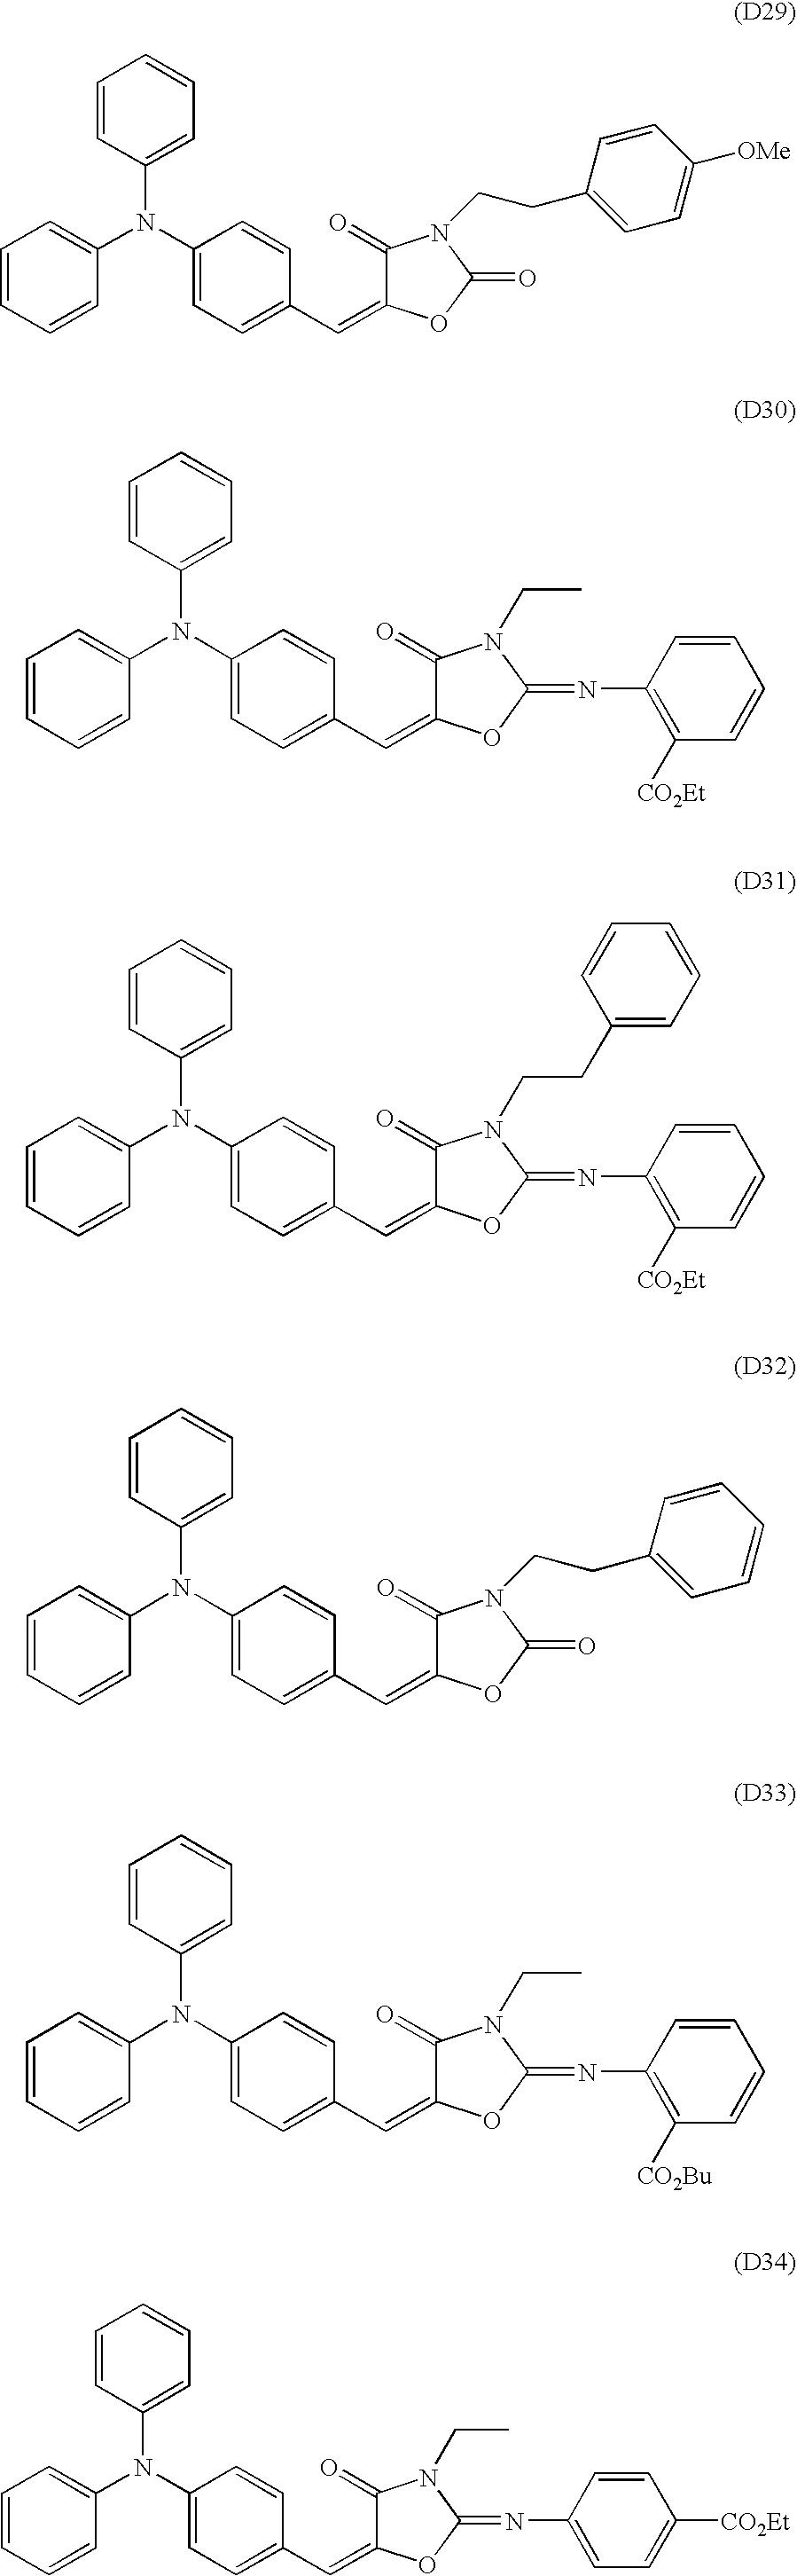 Figure US20070212641A1-20070913-C00011